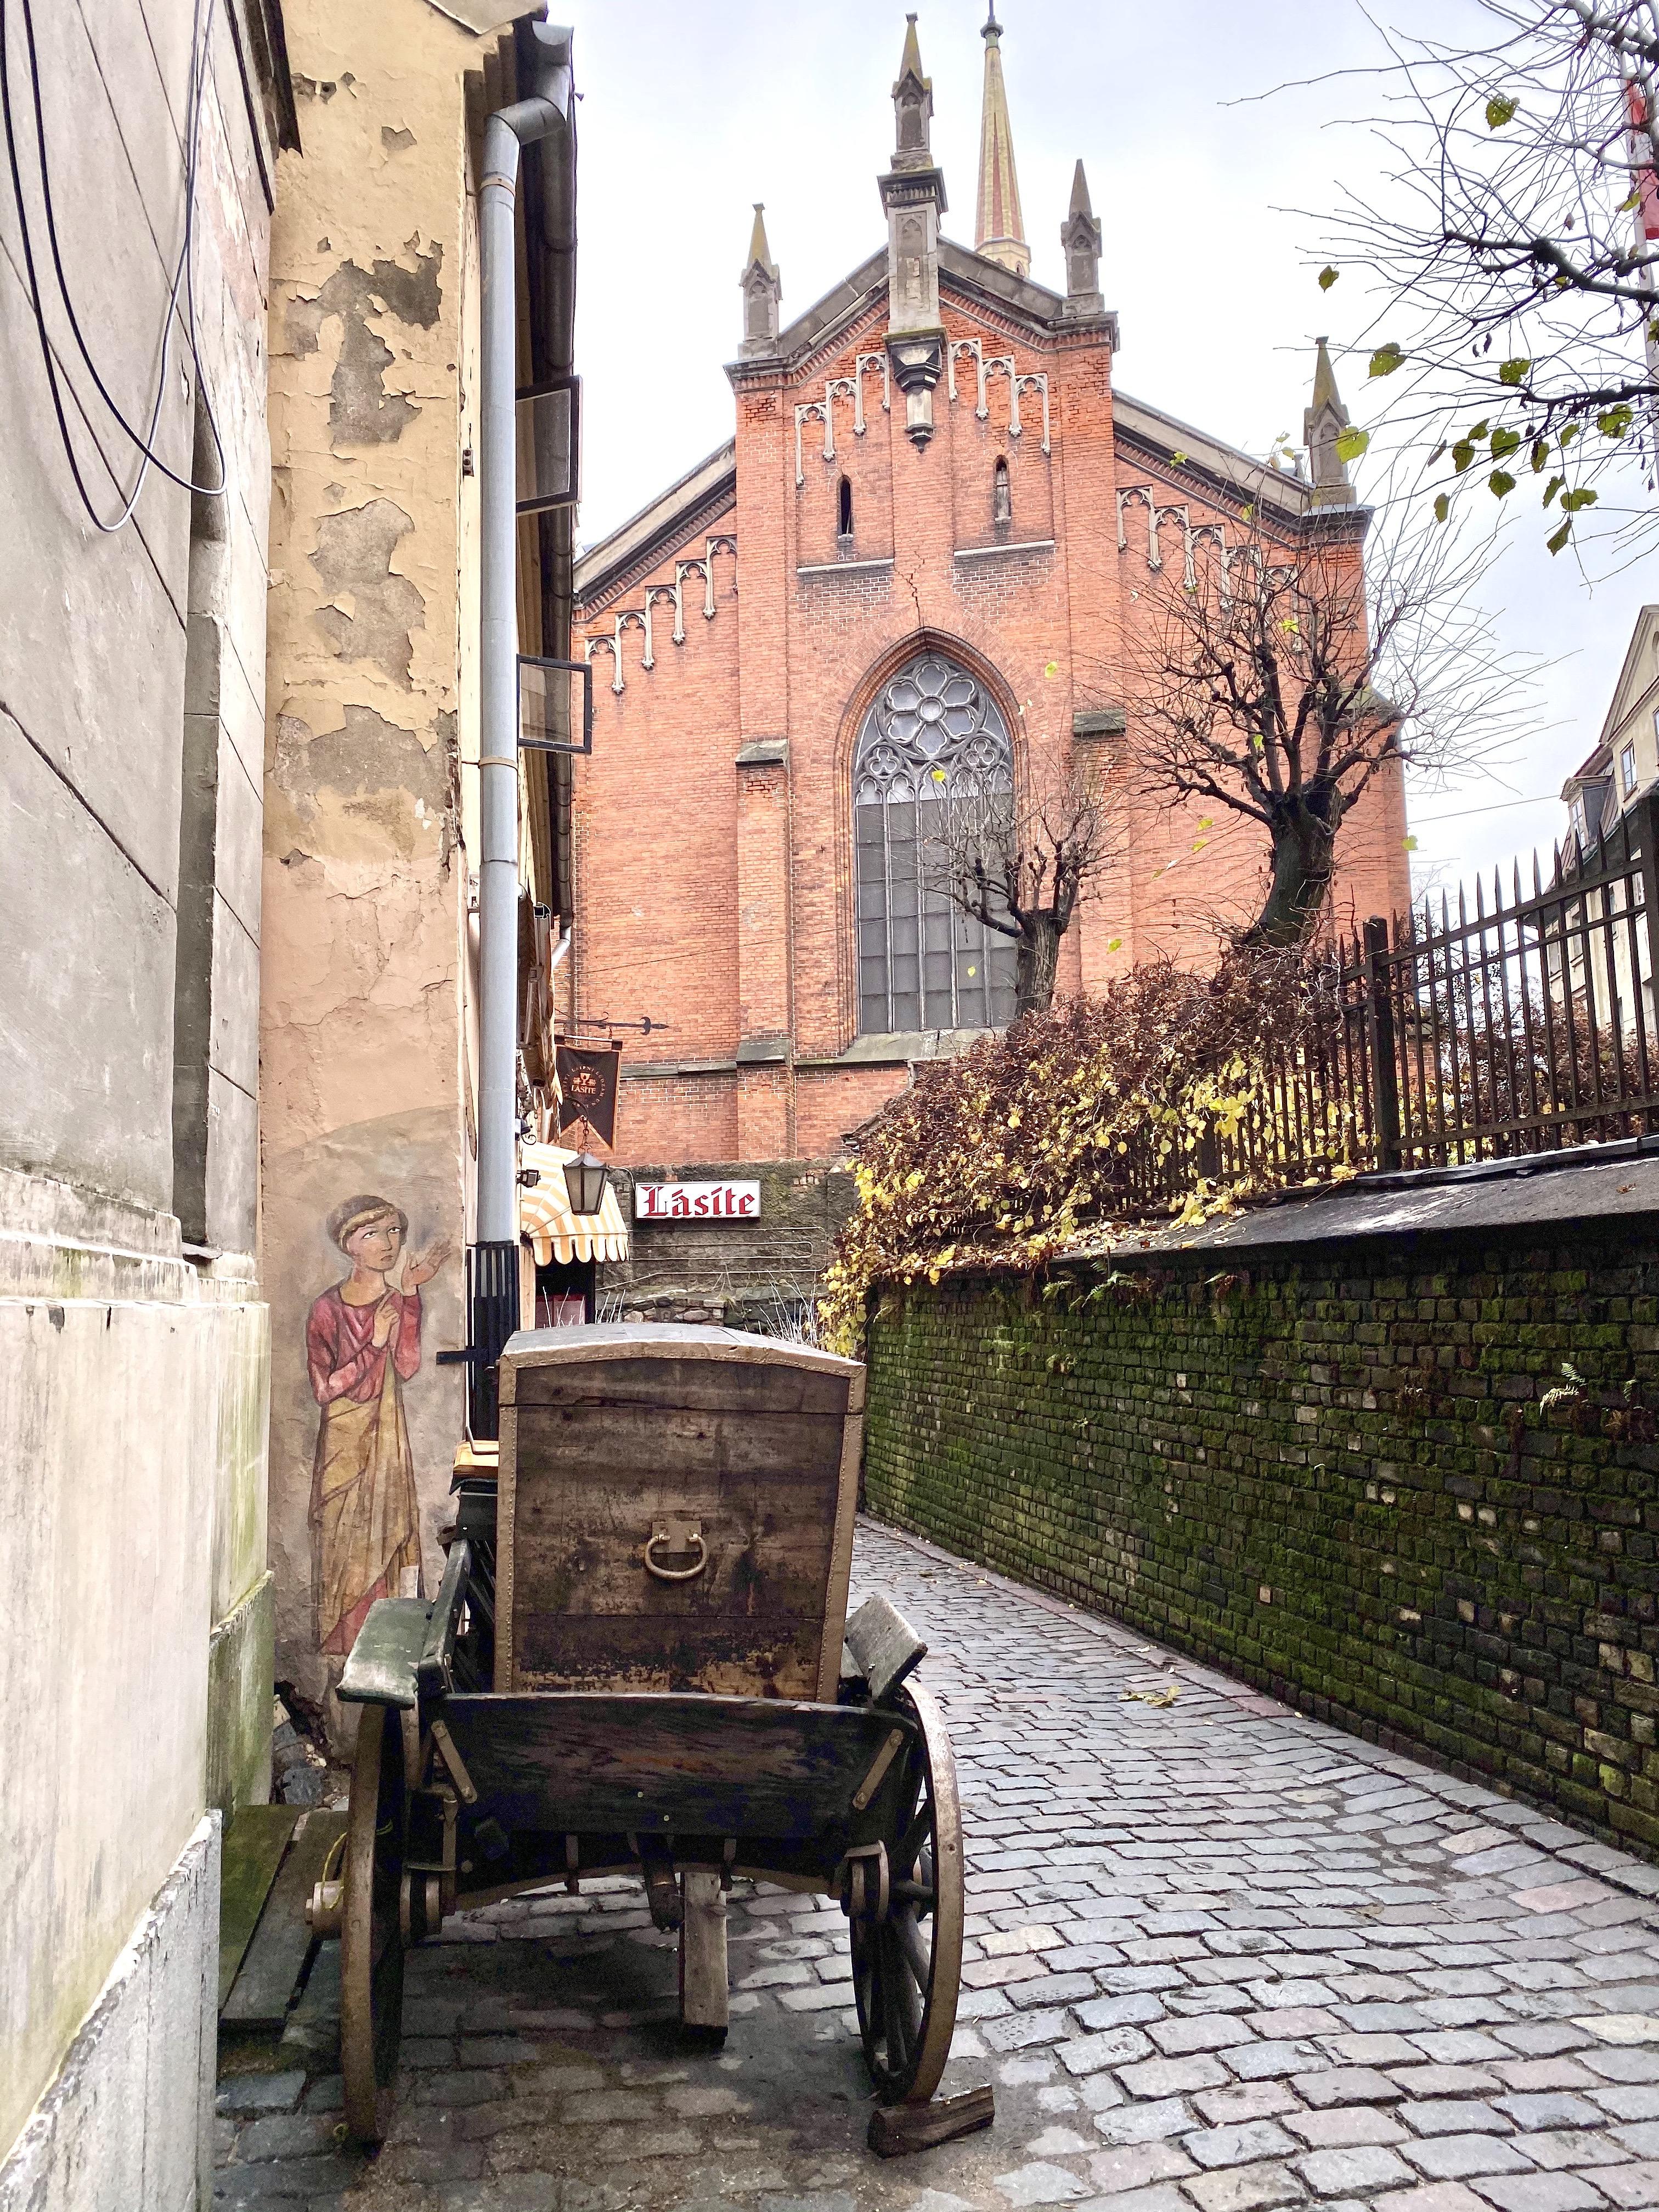 A pretty alley with a wagon in Riga, Latvia.